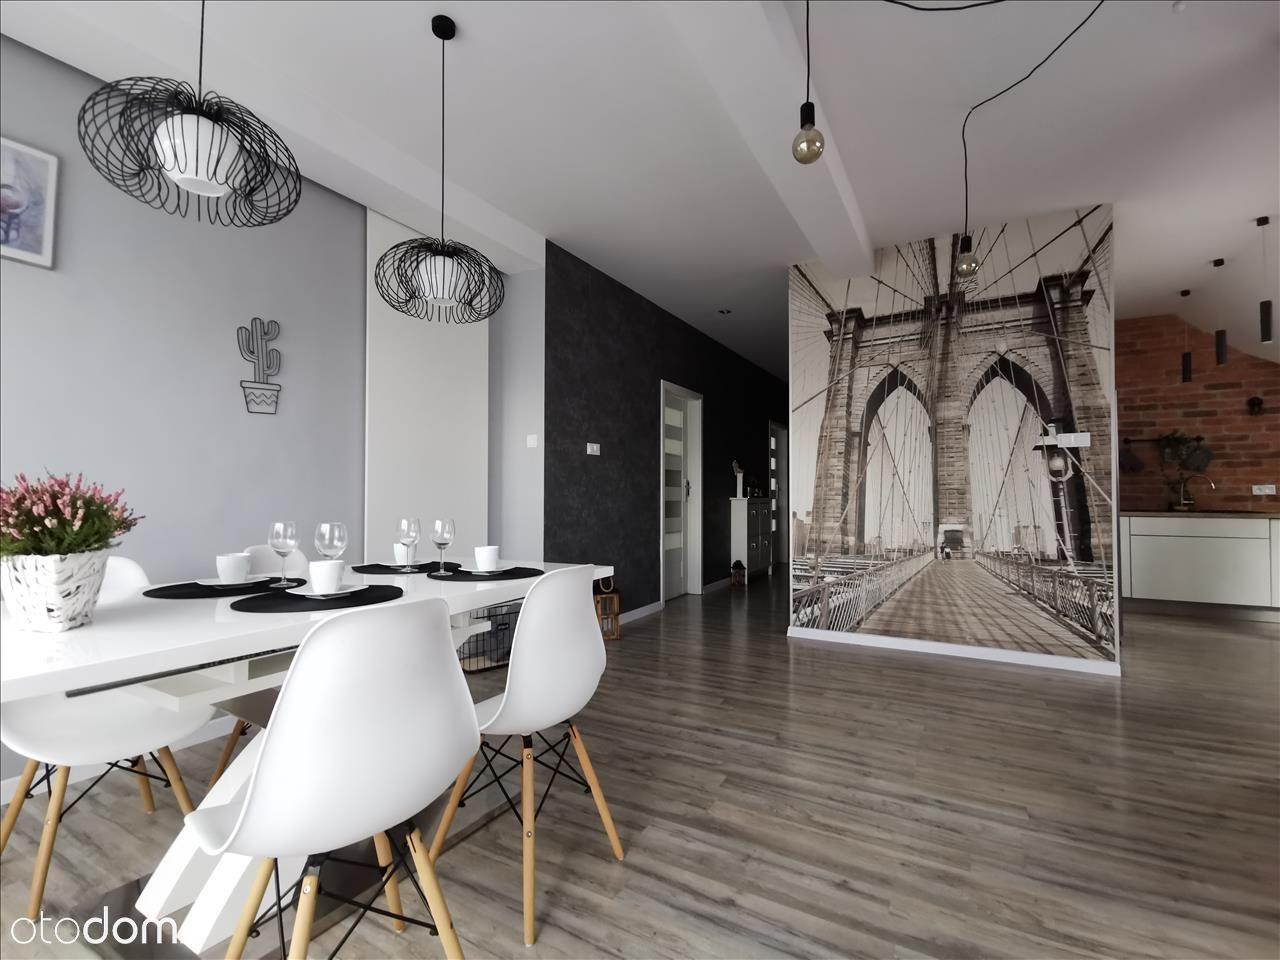 Apartament w wysokim standardzie + 50m2 poddasza